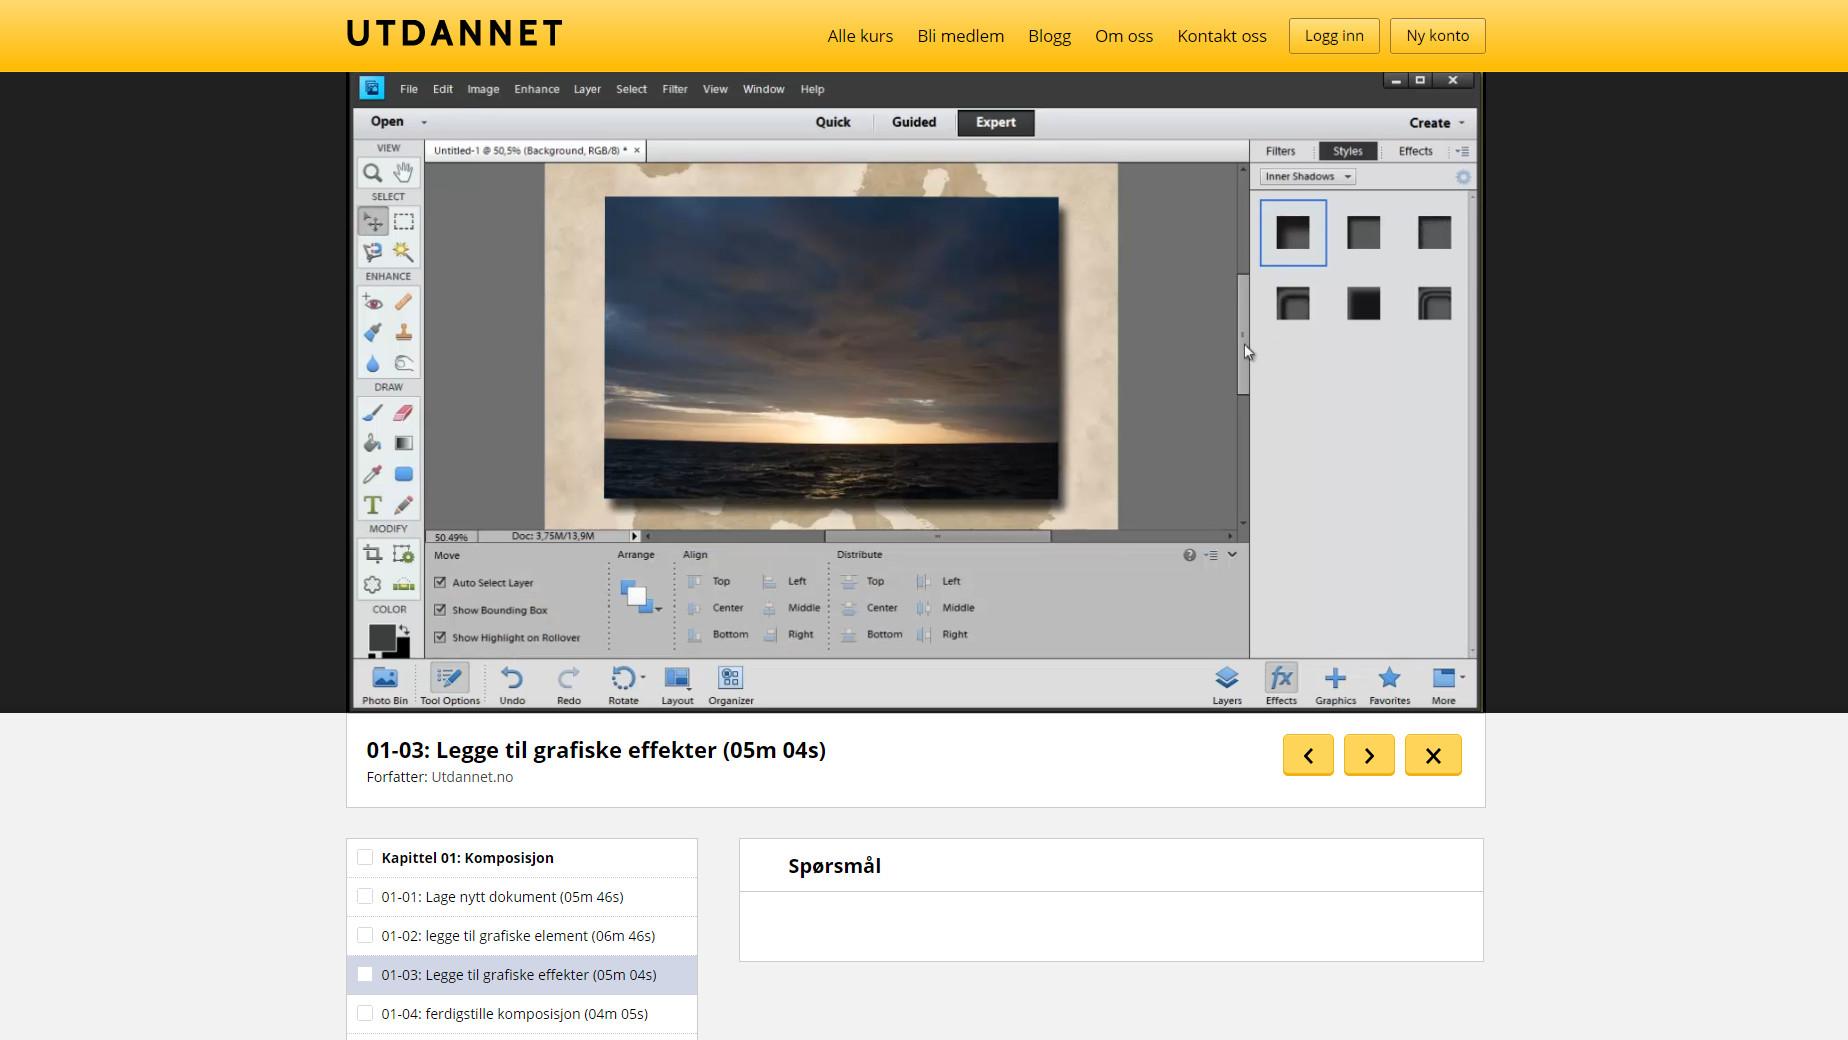 Bli «Utdannet» på norsk i Adobe Photoshop Elements